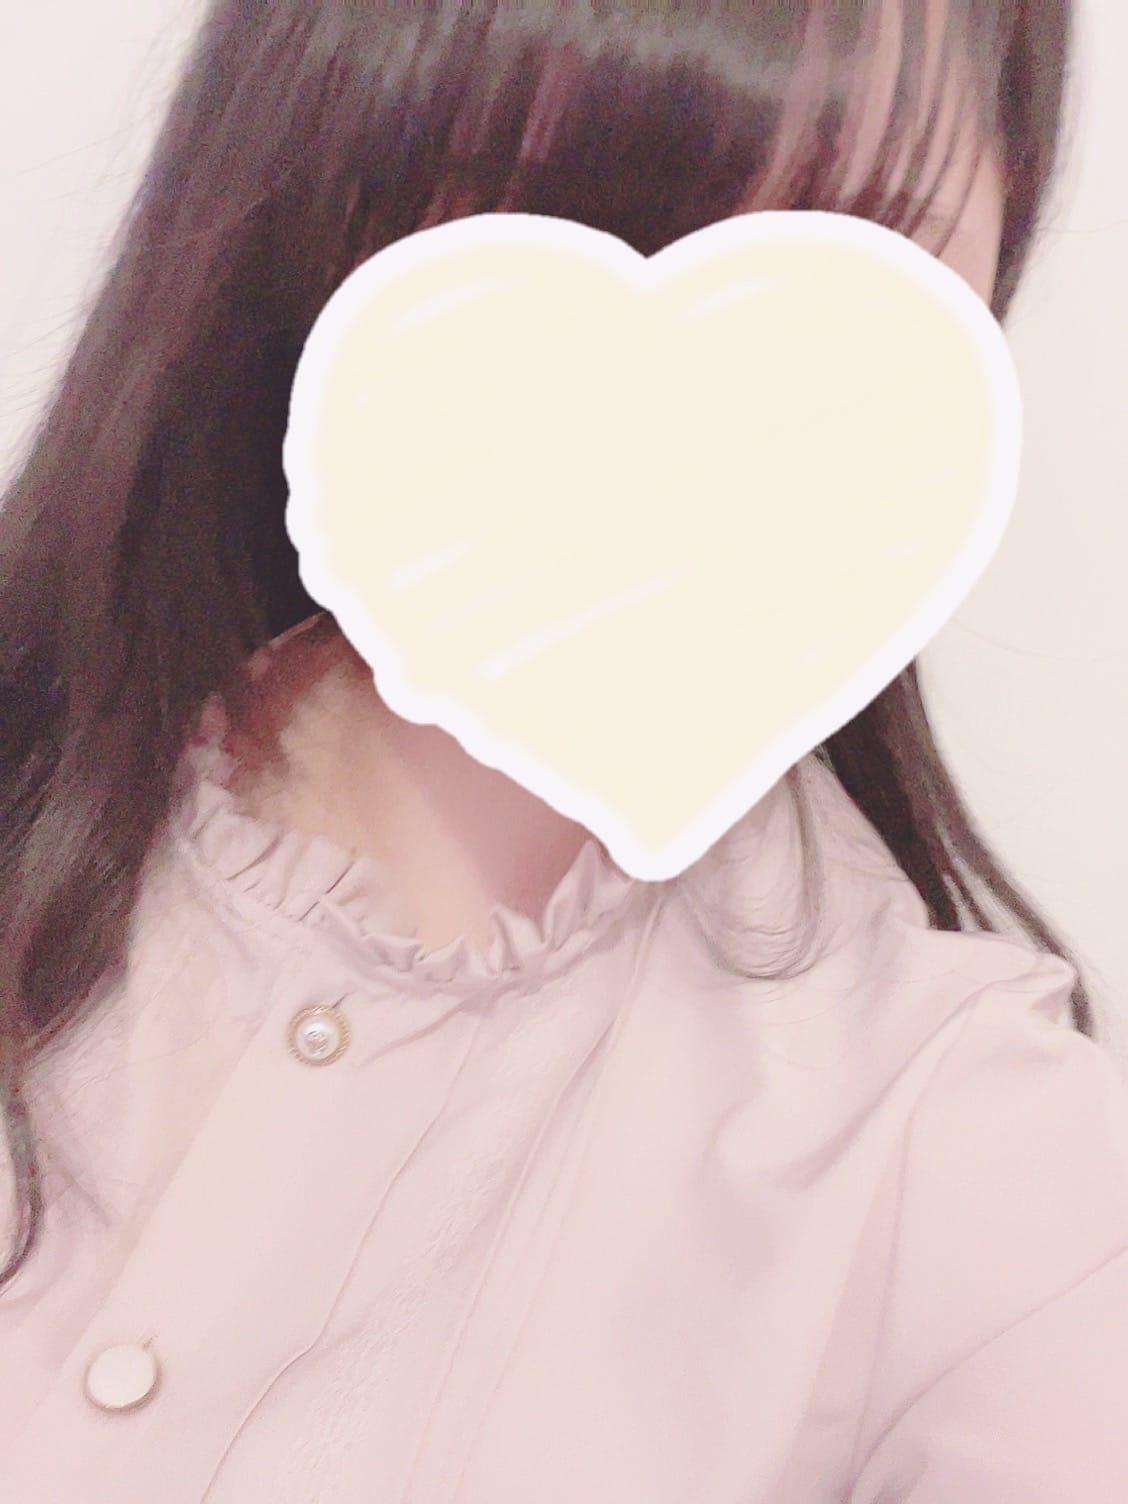 「こんばんは」04/28(水) 01:26 | 高橋ゆずの写メ日記